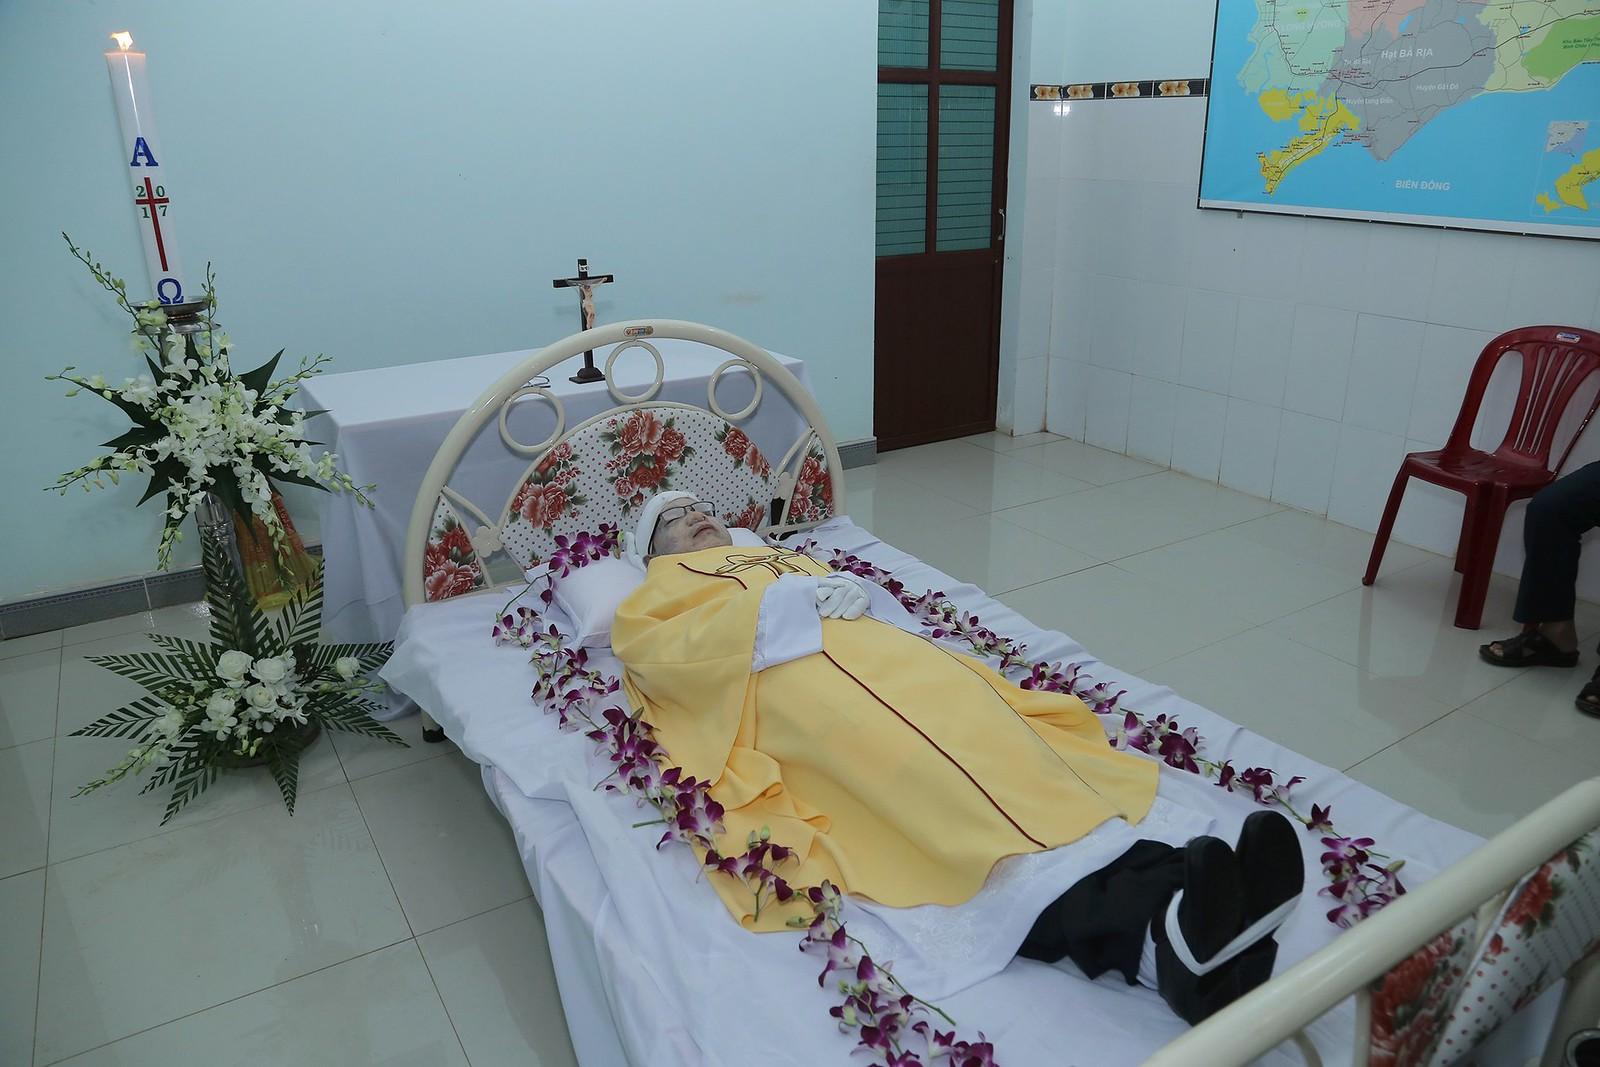 Cầu nguyện cho linh hồn Cha Giuse Đặng Đình An, Cha qua đời vì tai nạn giao thông - Ảnh minh hoạ 5